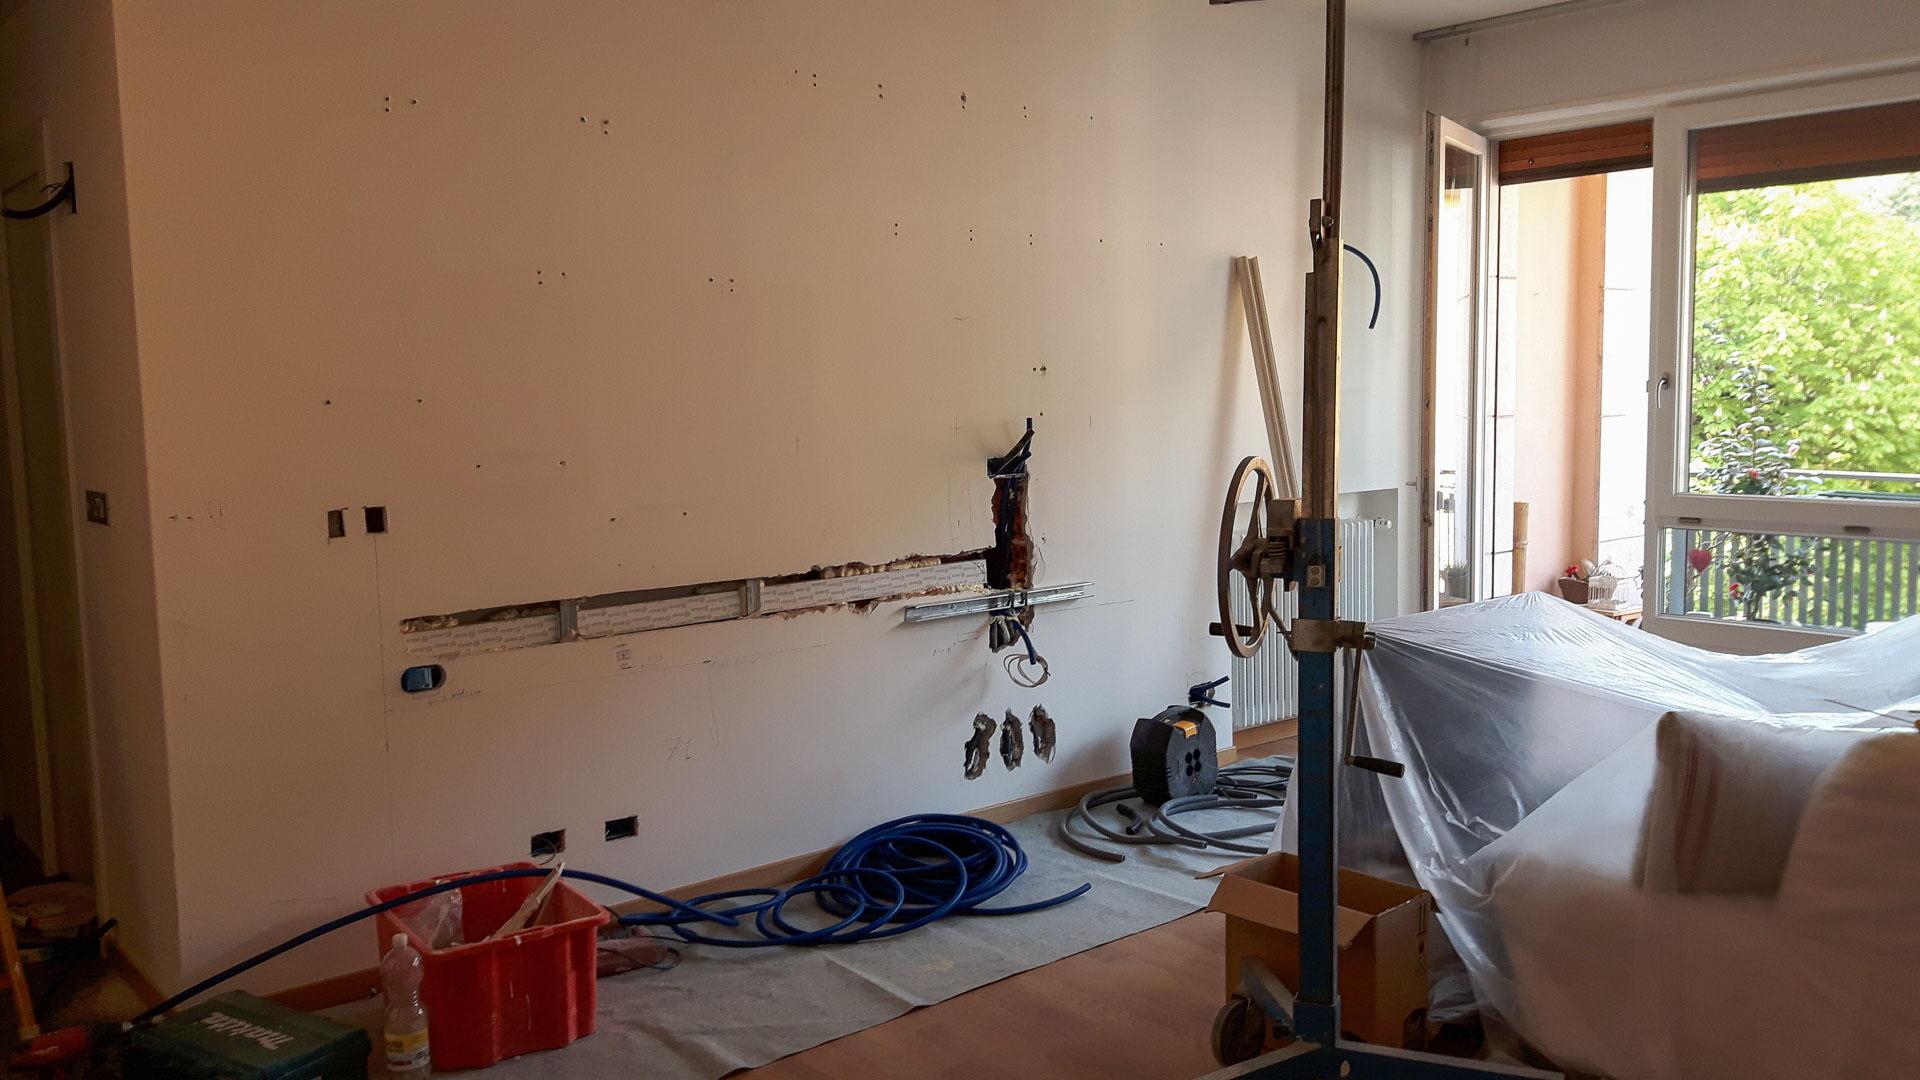 Progettazione di interni Treviso